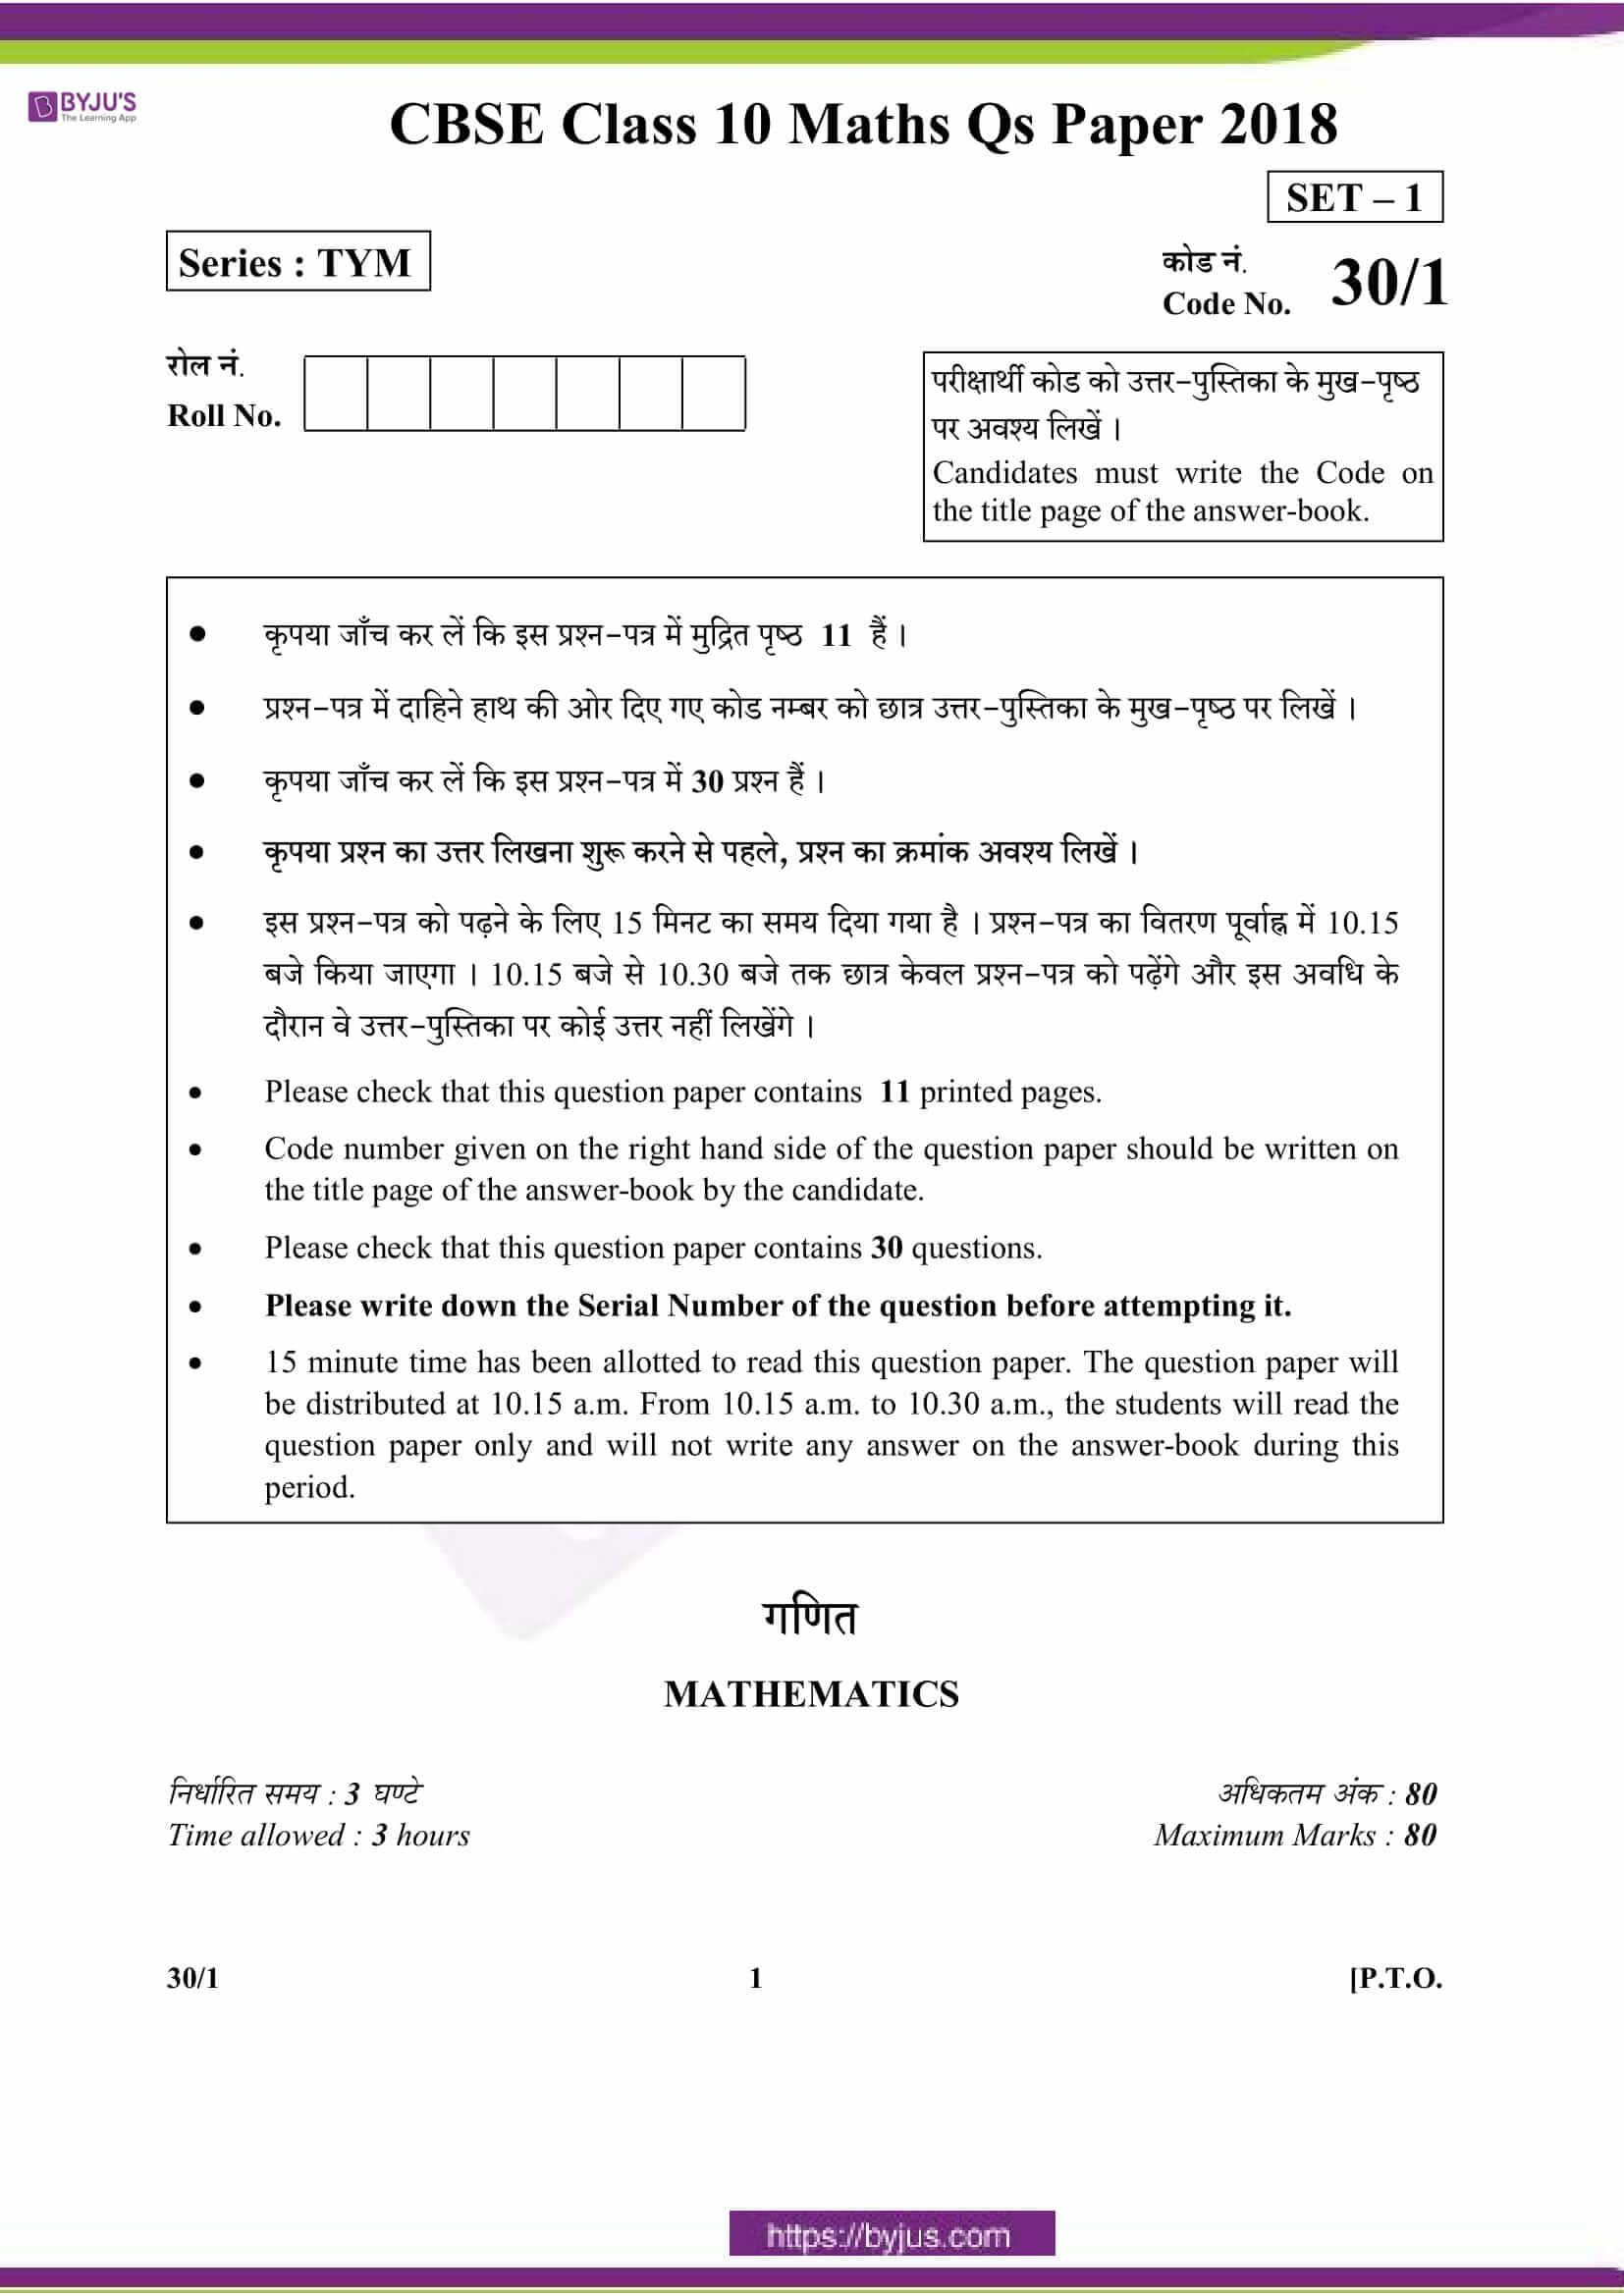 CBSE Class 10 Maths Qs Paper 2018 Set 1 01